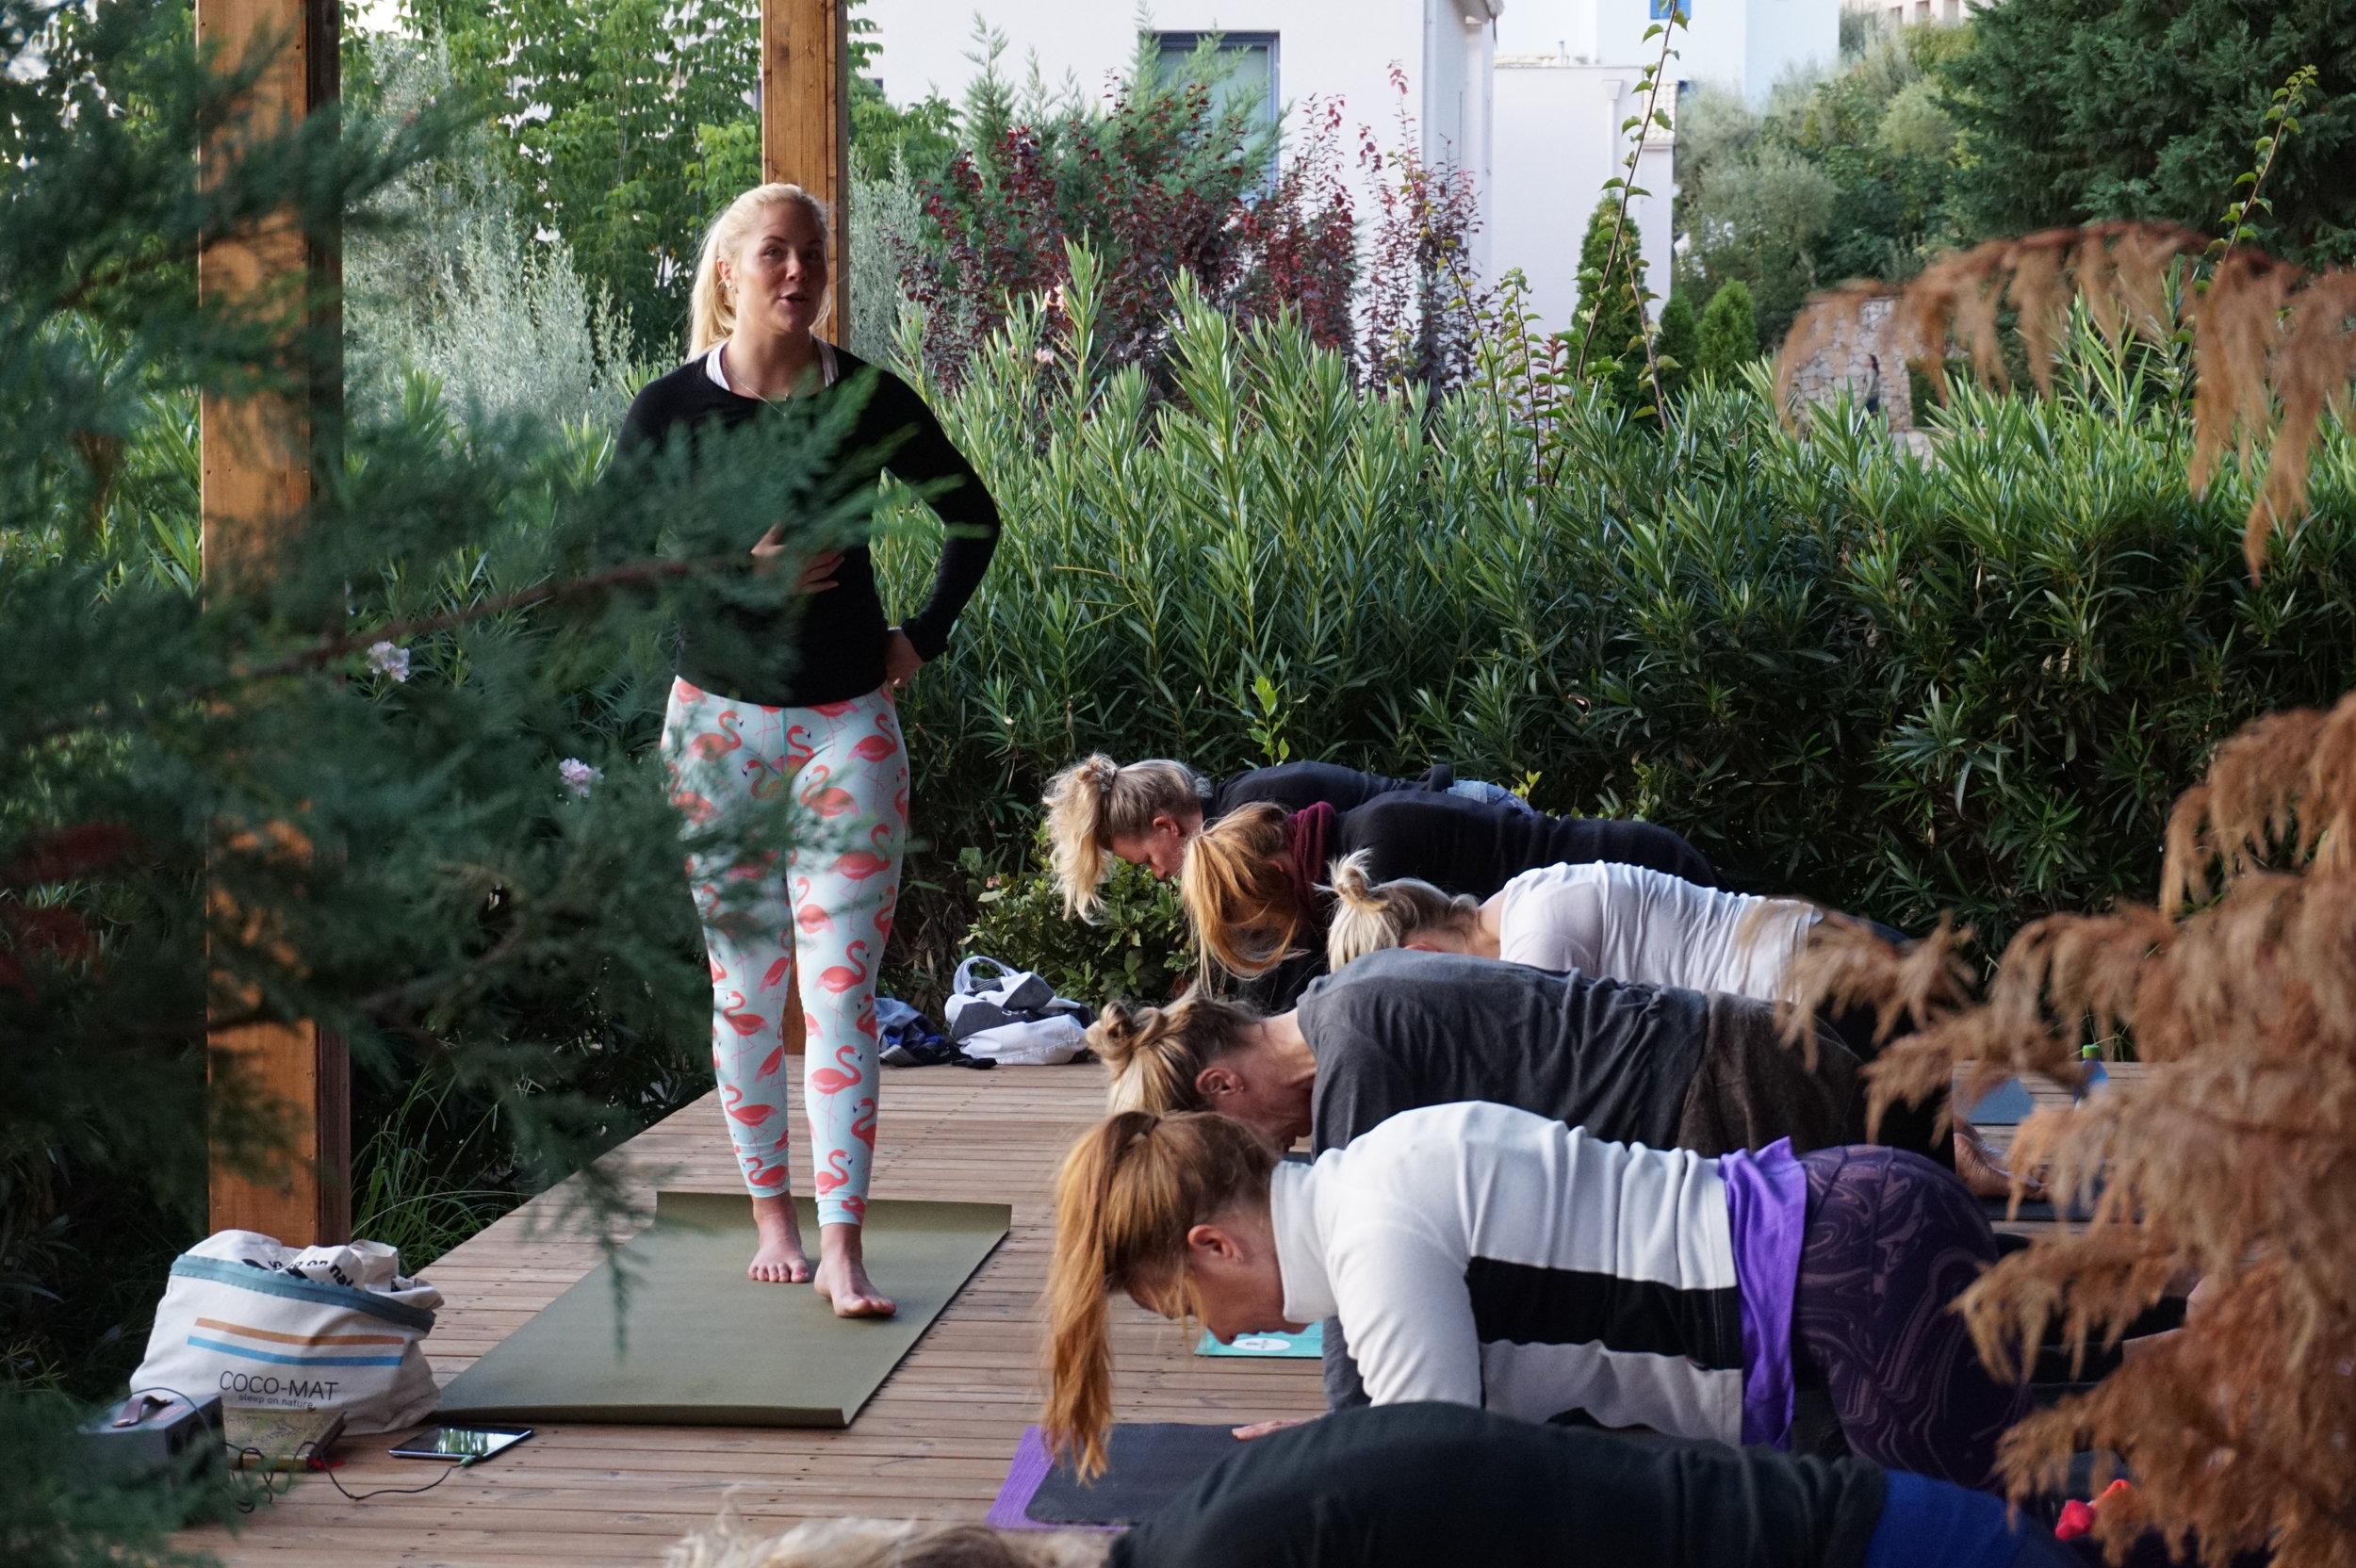 Rolig og myk morgenpraksis i yoga paviljongen.